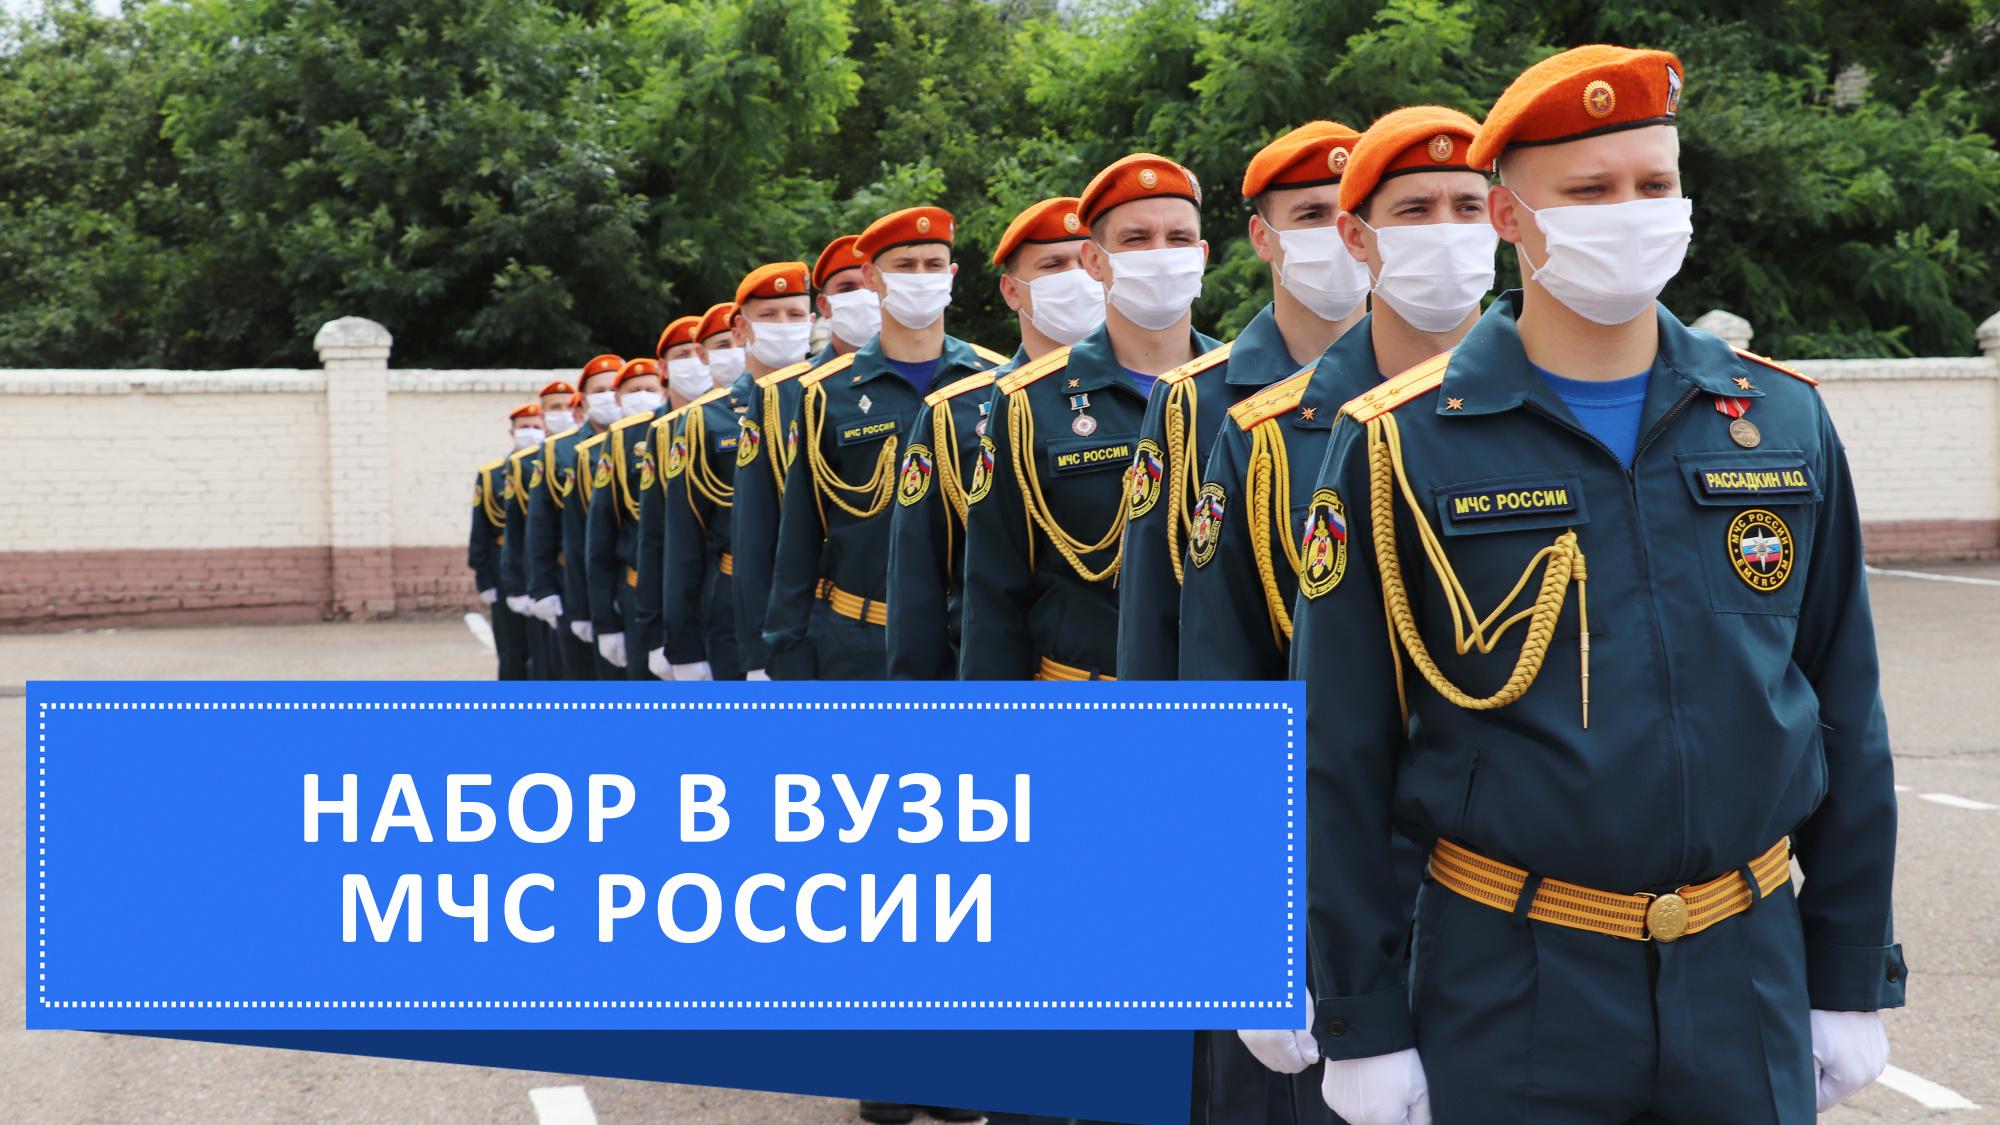 Работа в мчс для девушек тверь работа в москве свободный график для девушек